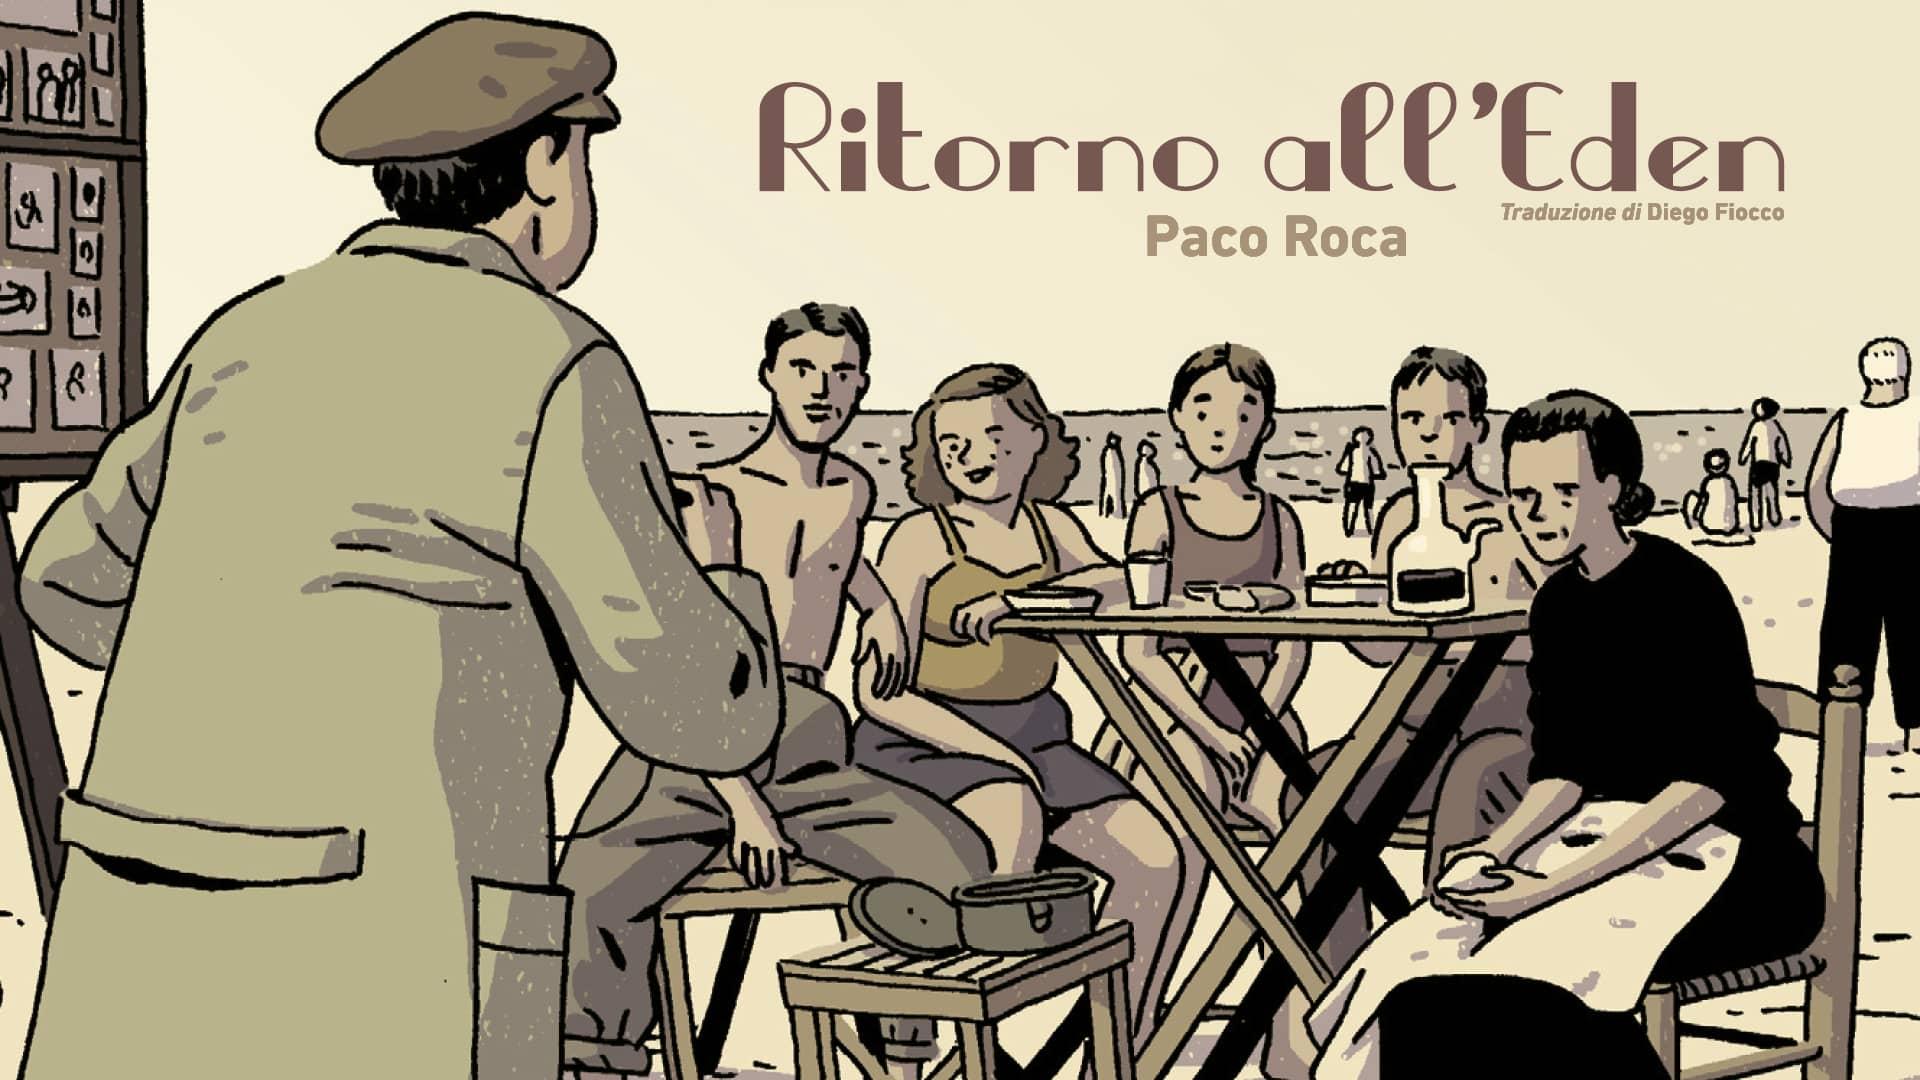 Ritorno all'Eden di Paco Roca famiglia memoria mamma